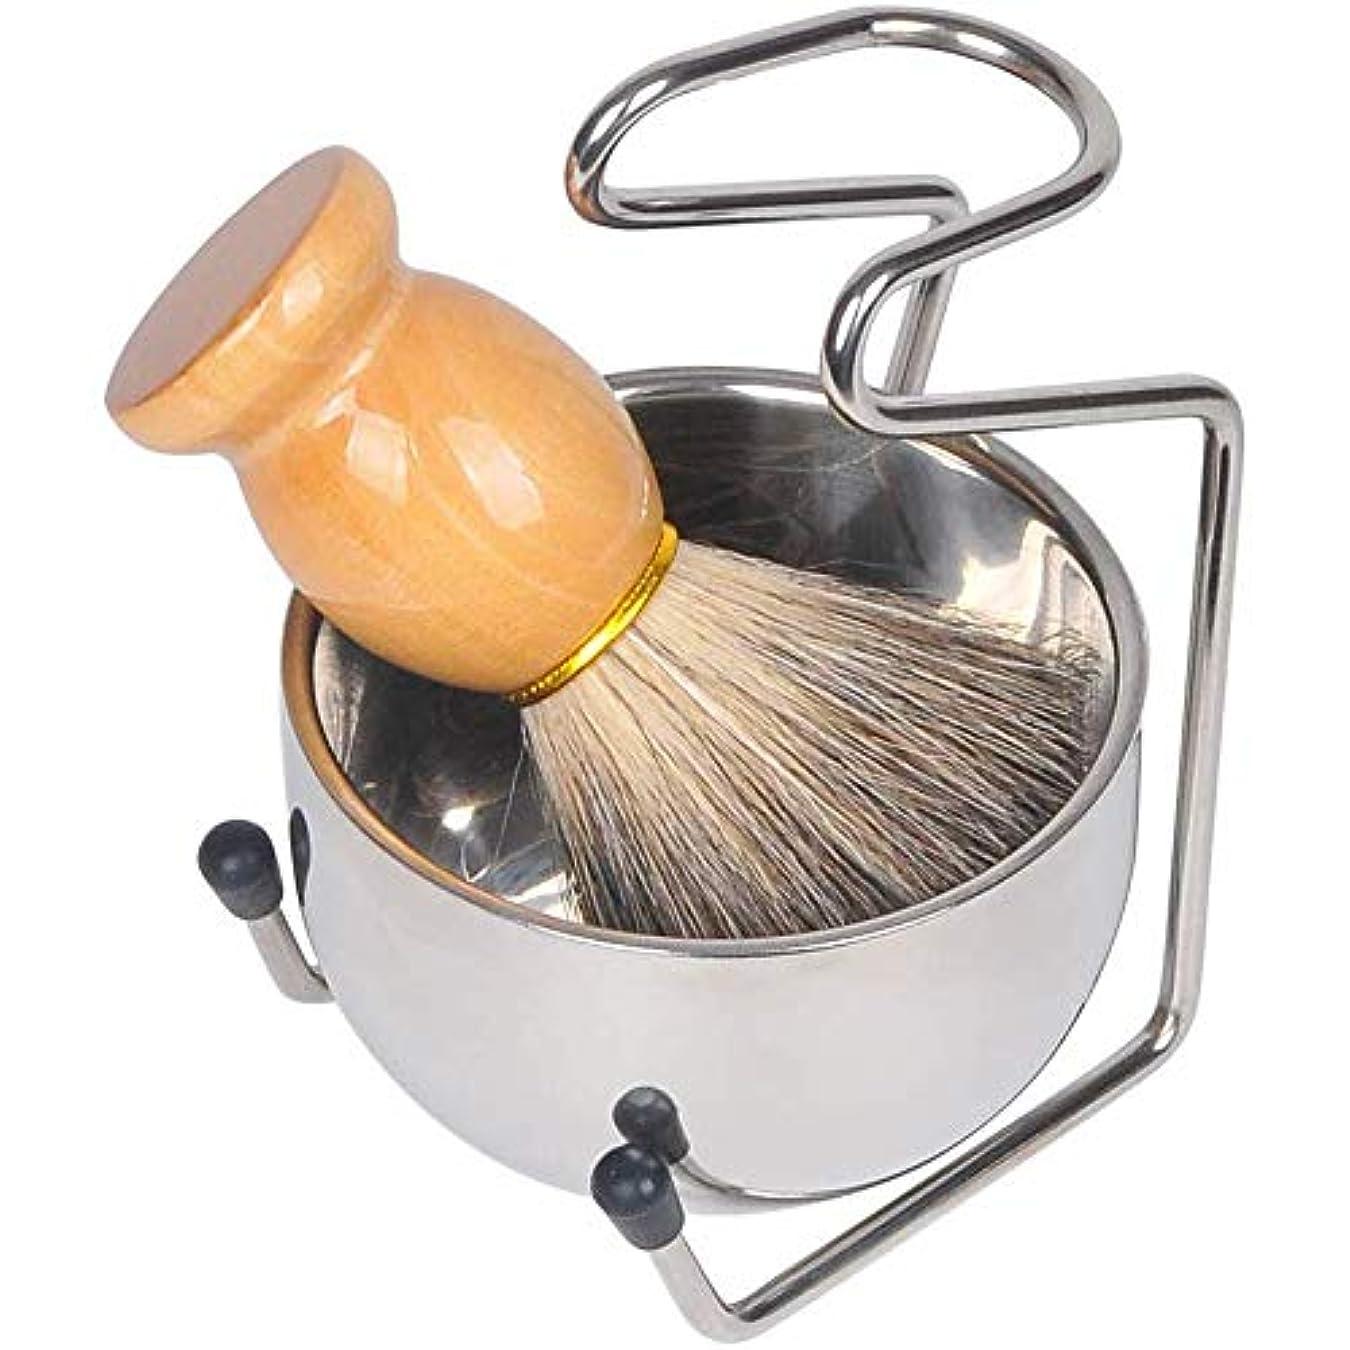 価格結婚する認知3点セット ひげブラシ シェービング石鹸ボウルシェービングブラシセット洗顔ブラシ メンズ 理容 髭剃り 泡立ち毛